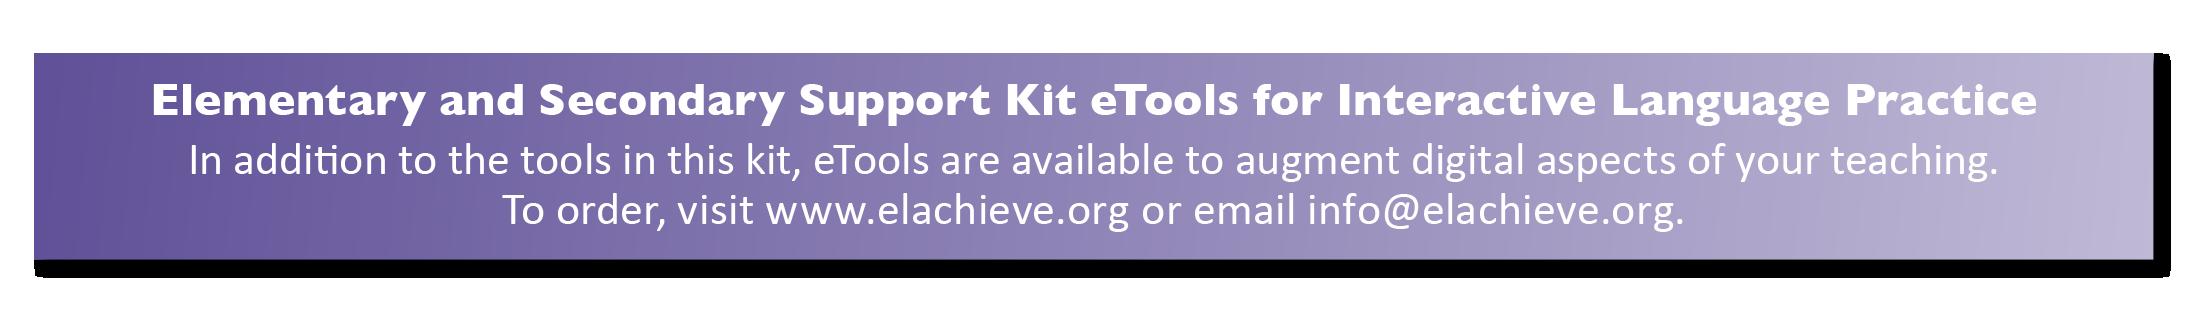 eSupport Kit Blurbs elem